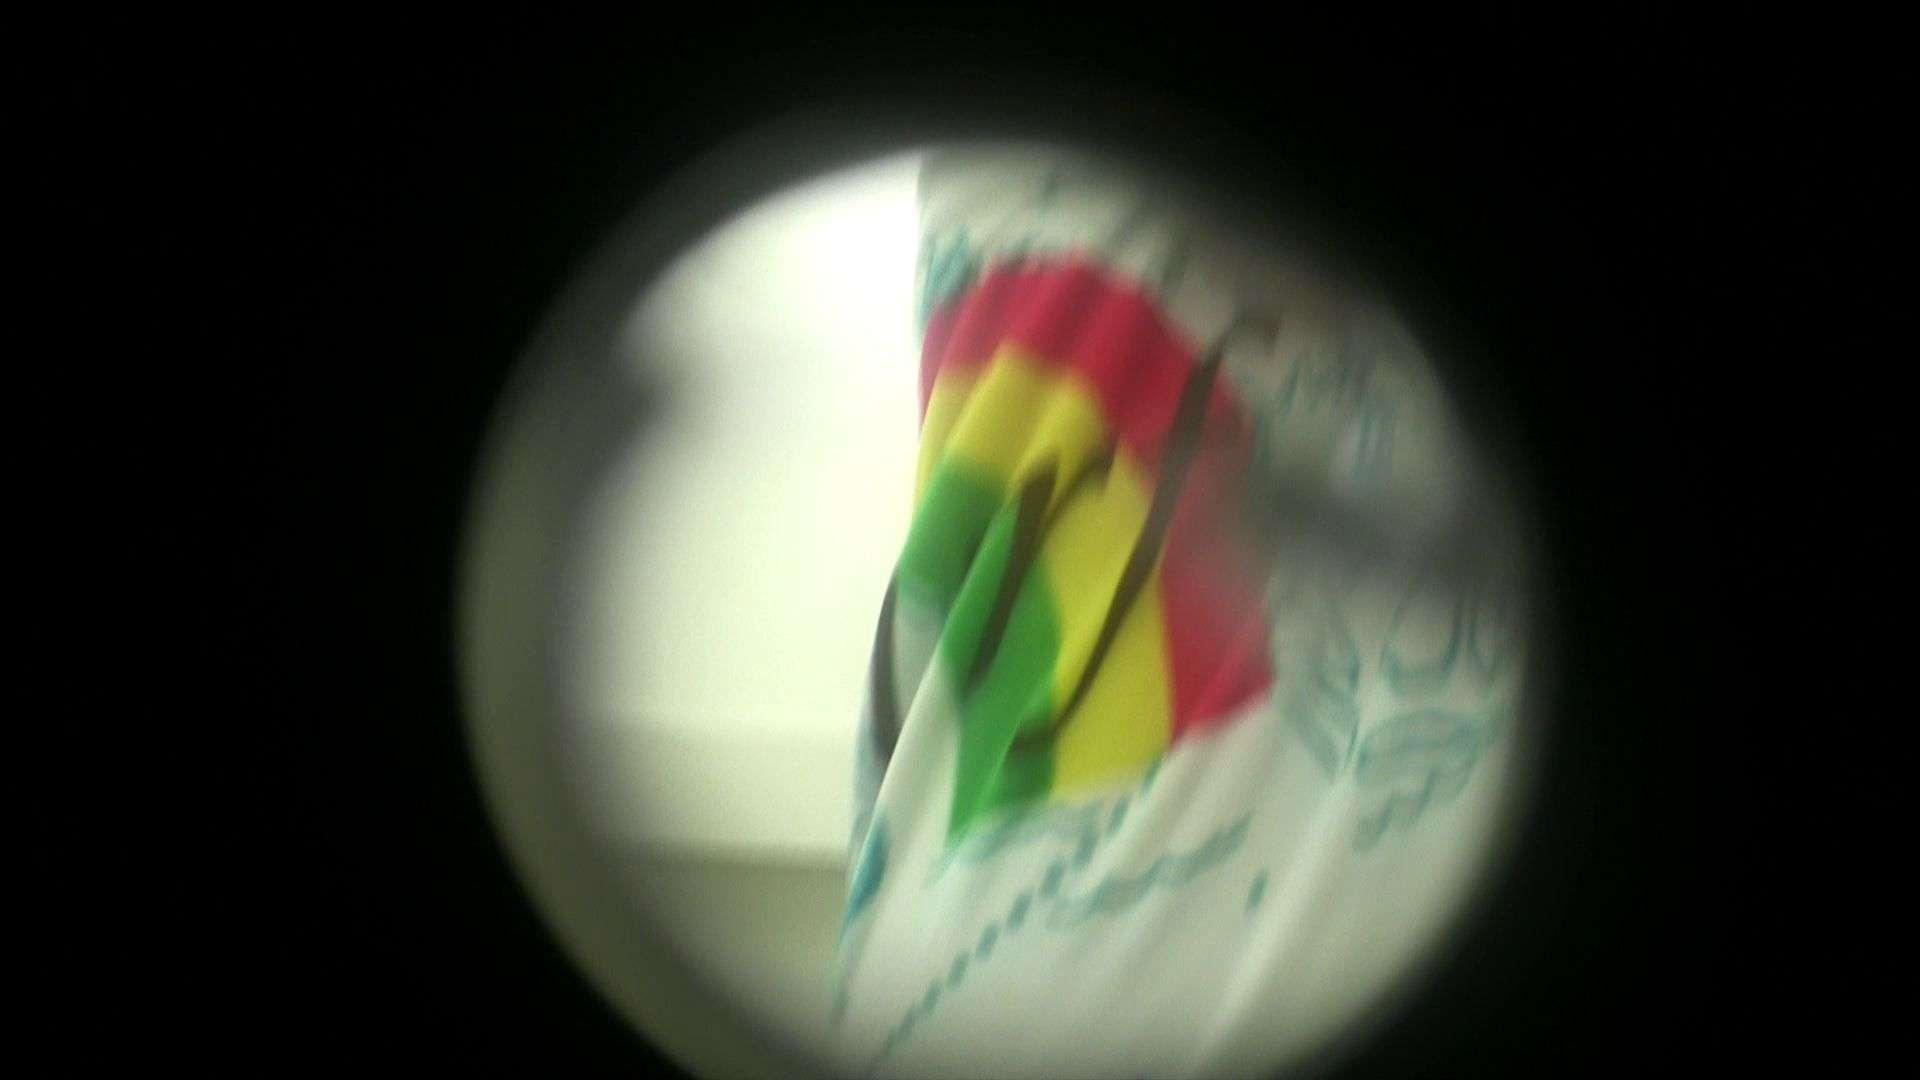 NO.44 下の毛のお手入ればっちり妊婦 シャワー室 エロ画像 87画像 80